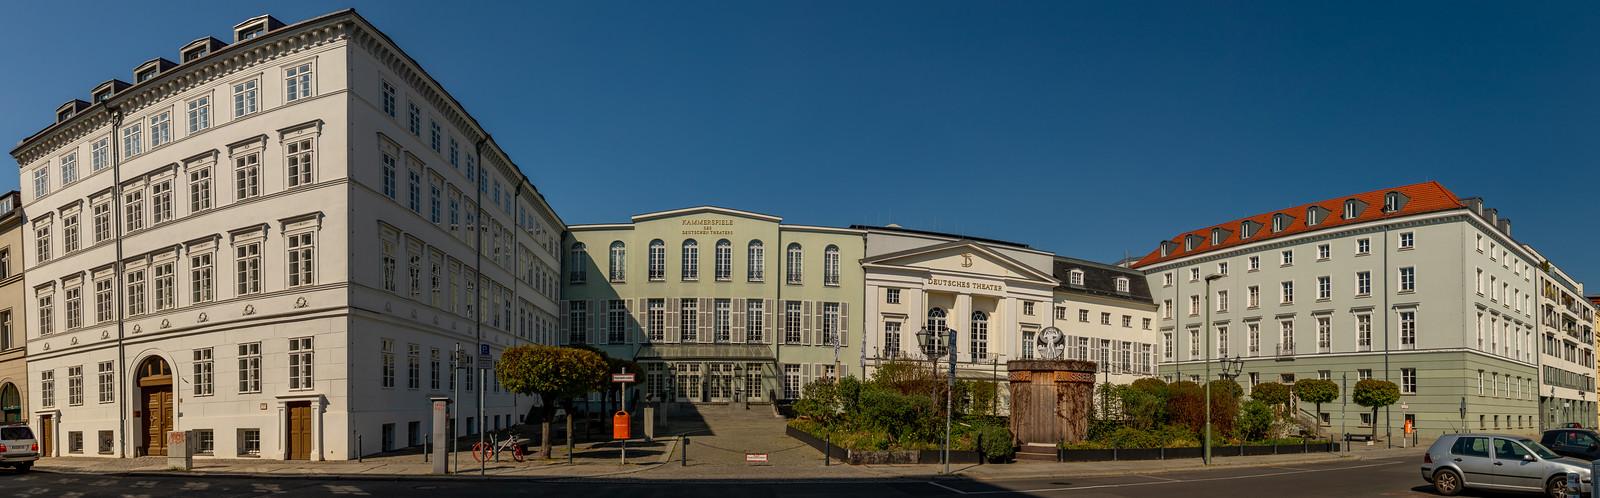 Das Deutsche Theater